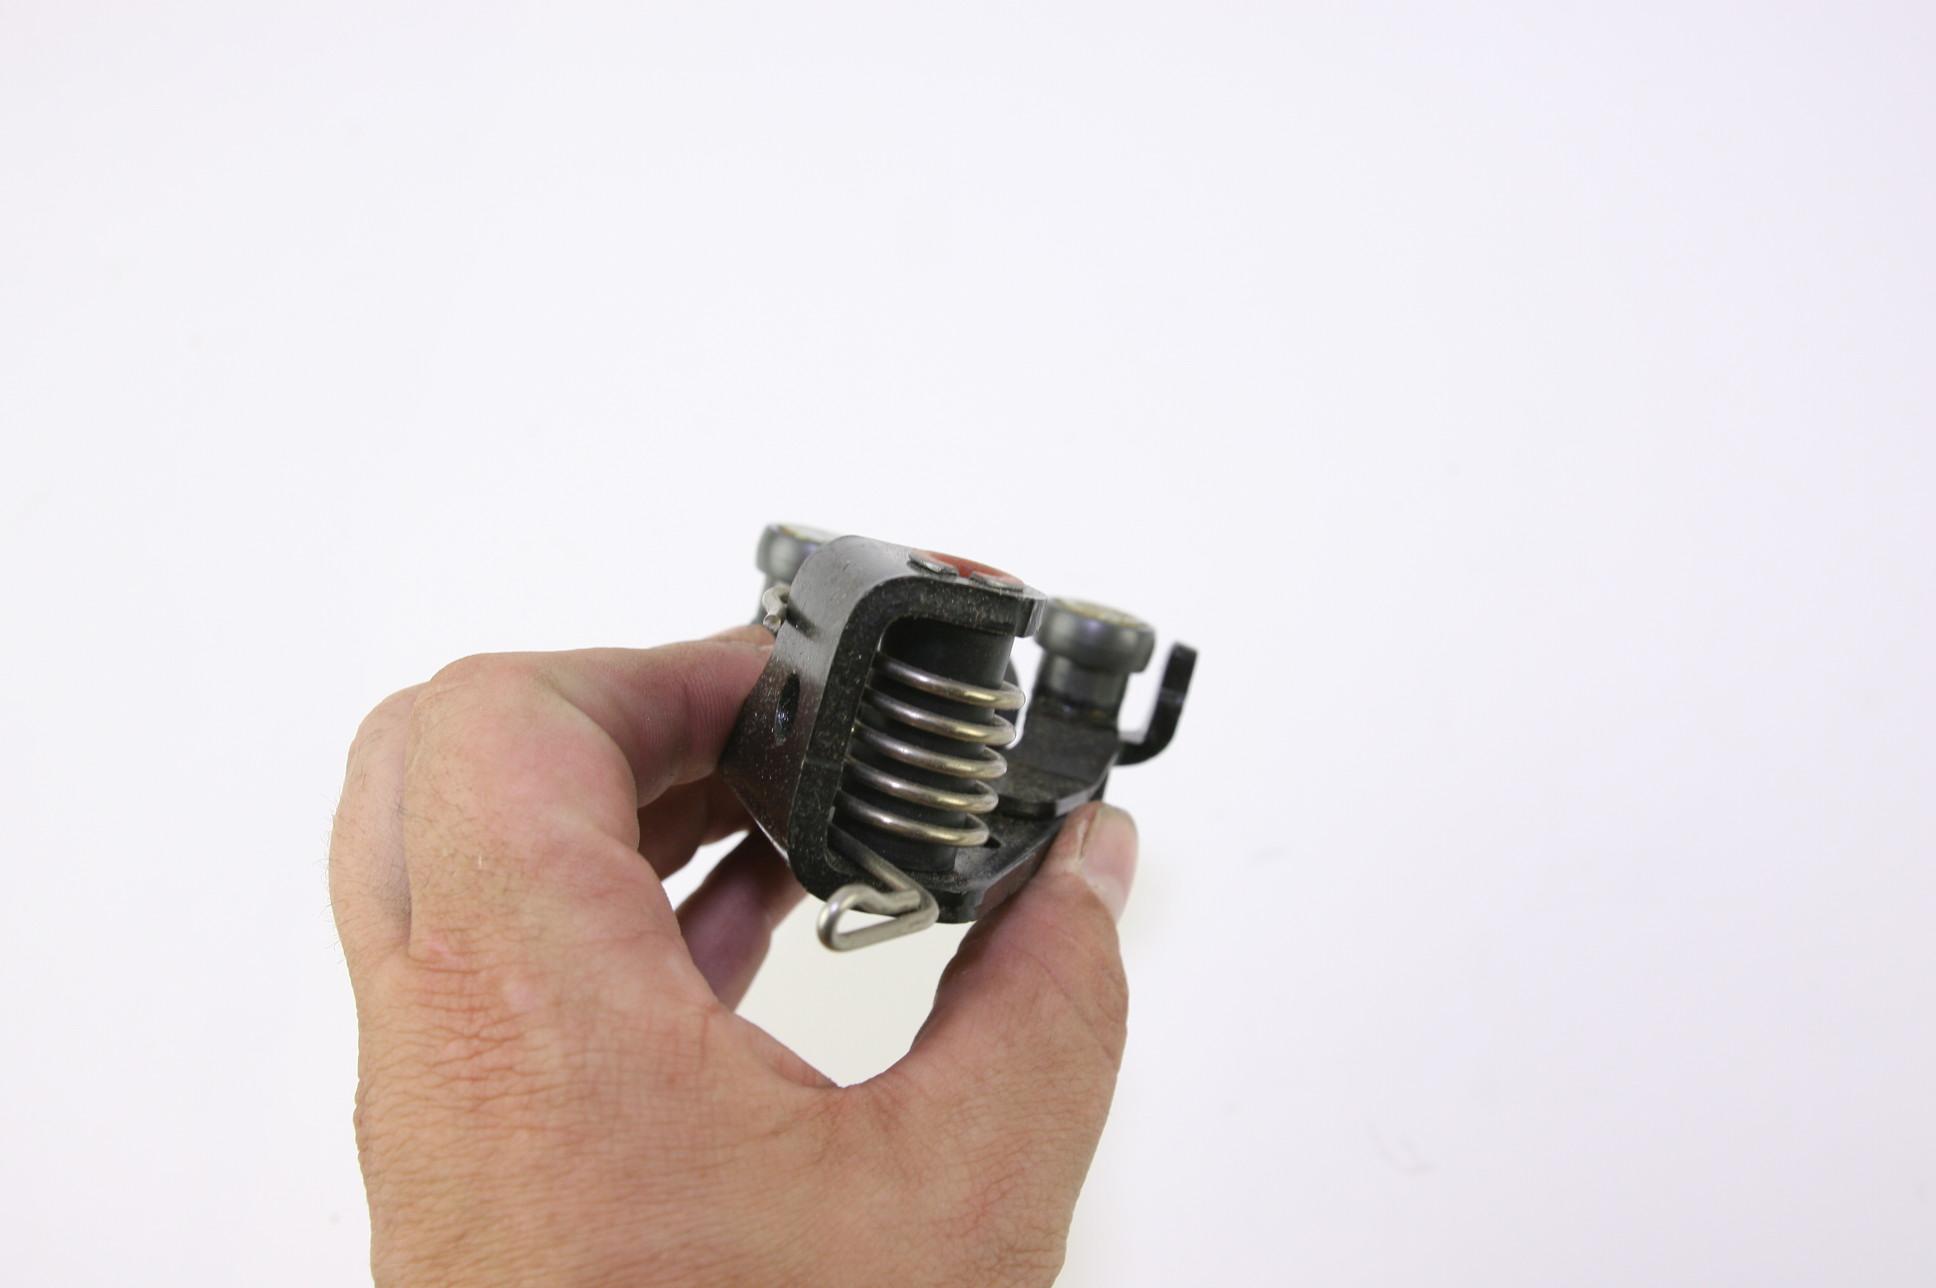 ** New OEM 9T1Z9926801A Ford 10-13 Transit Connect Side Sliding Door Roller Left - image 6